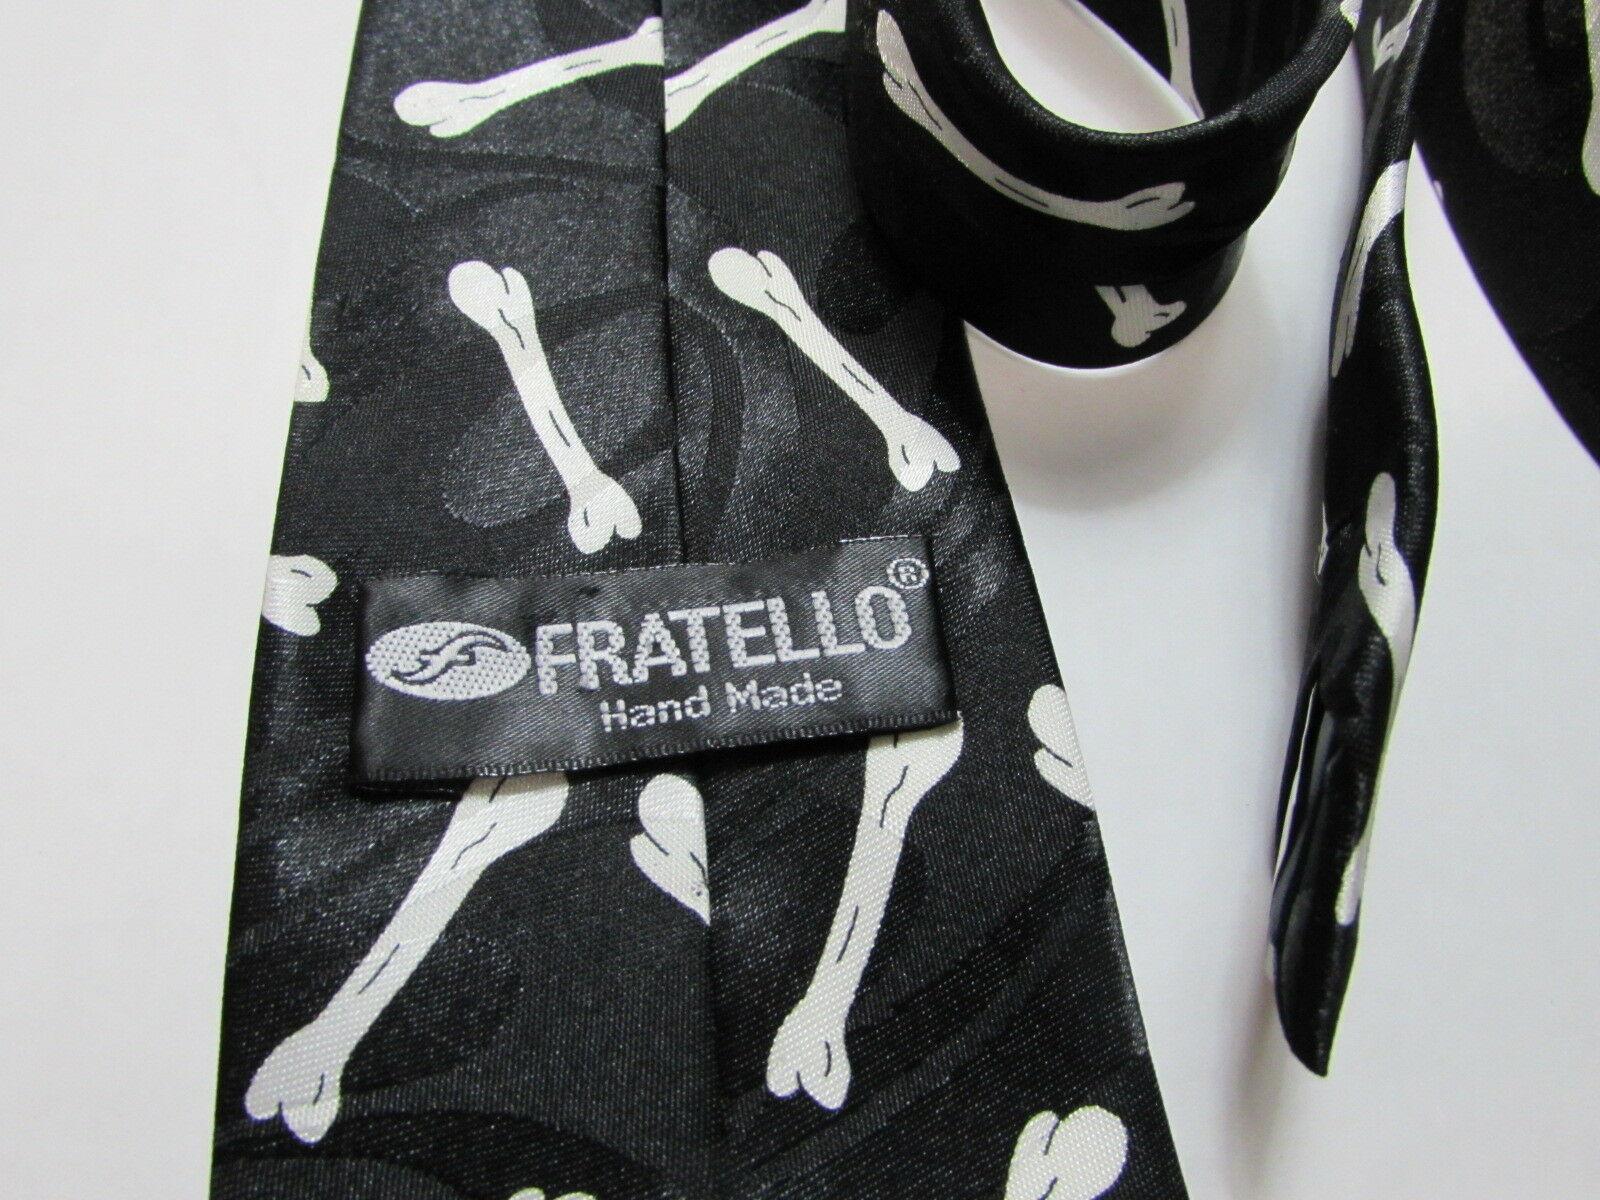 Bulldog French English Dog Bone Necktie Tie Fratello UGA Georgia Yale Gonzaga image 7